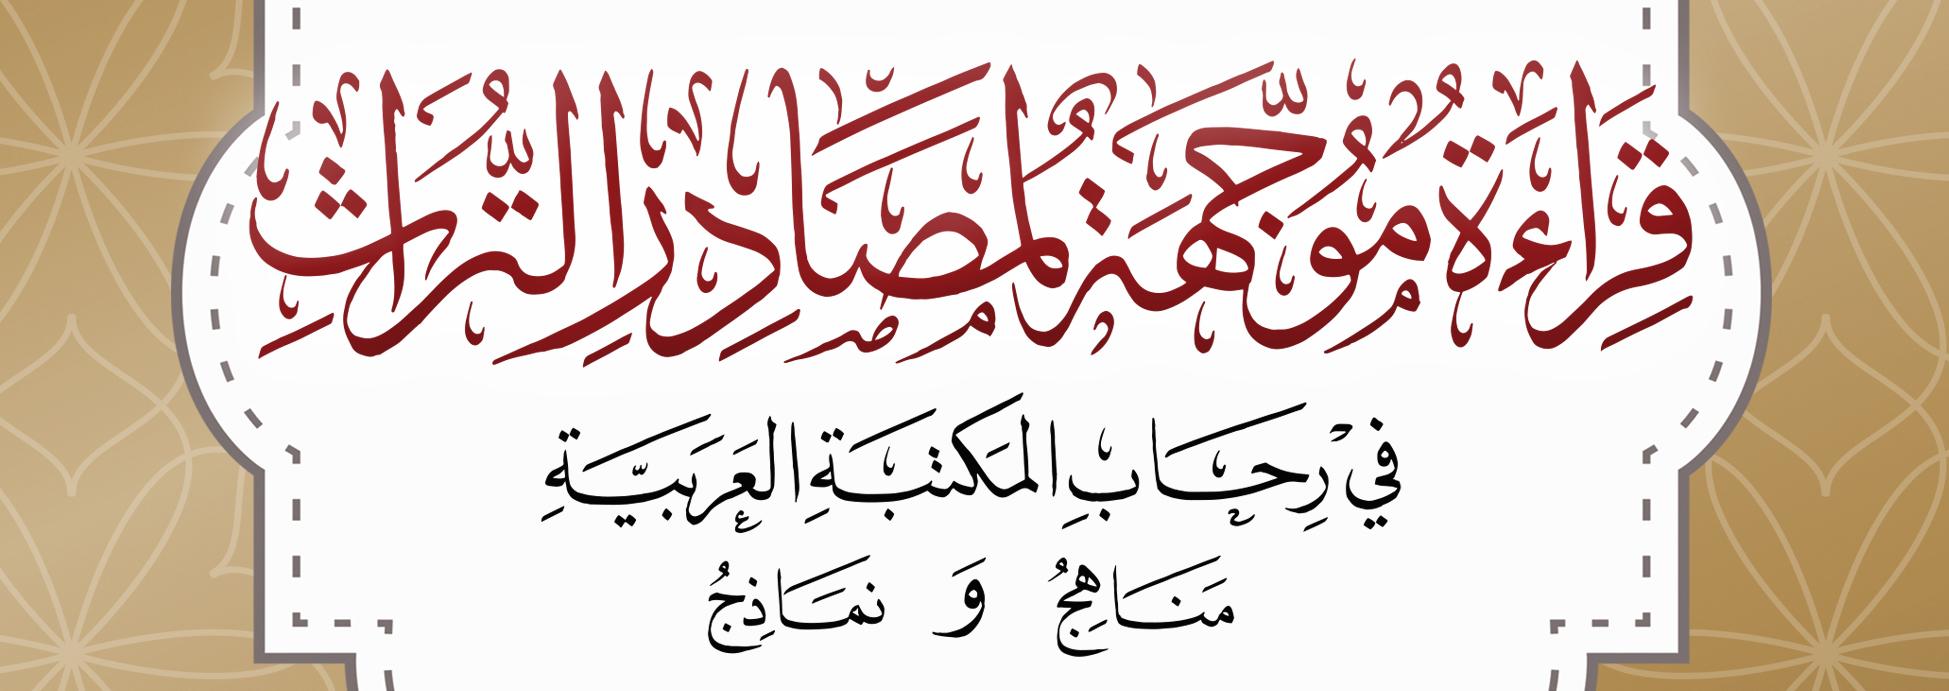 قراءة موجهة لمصادر التراث في رحاب المكتبة العربية